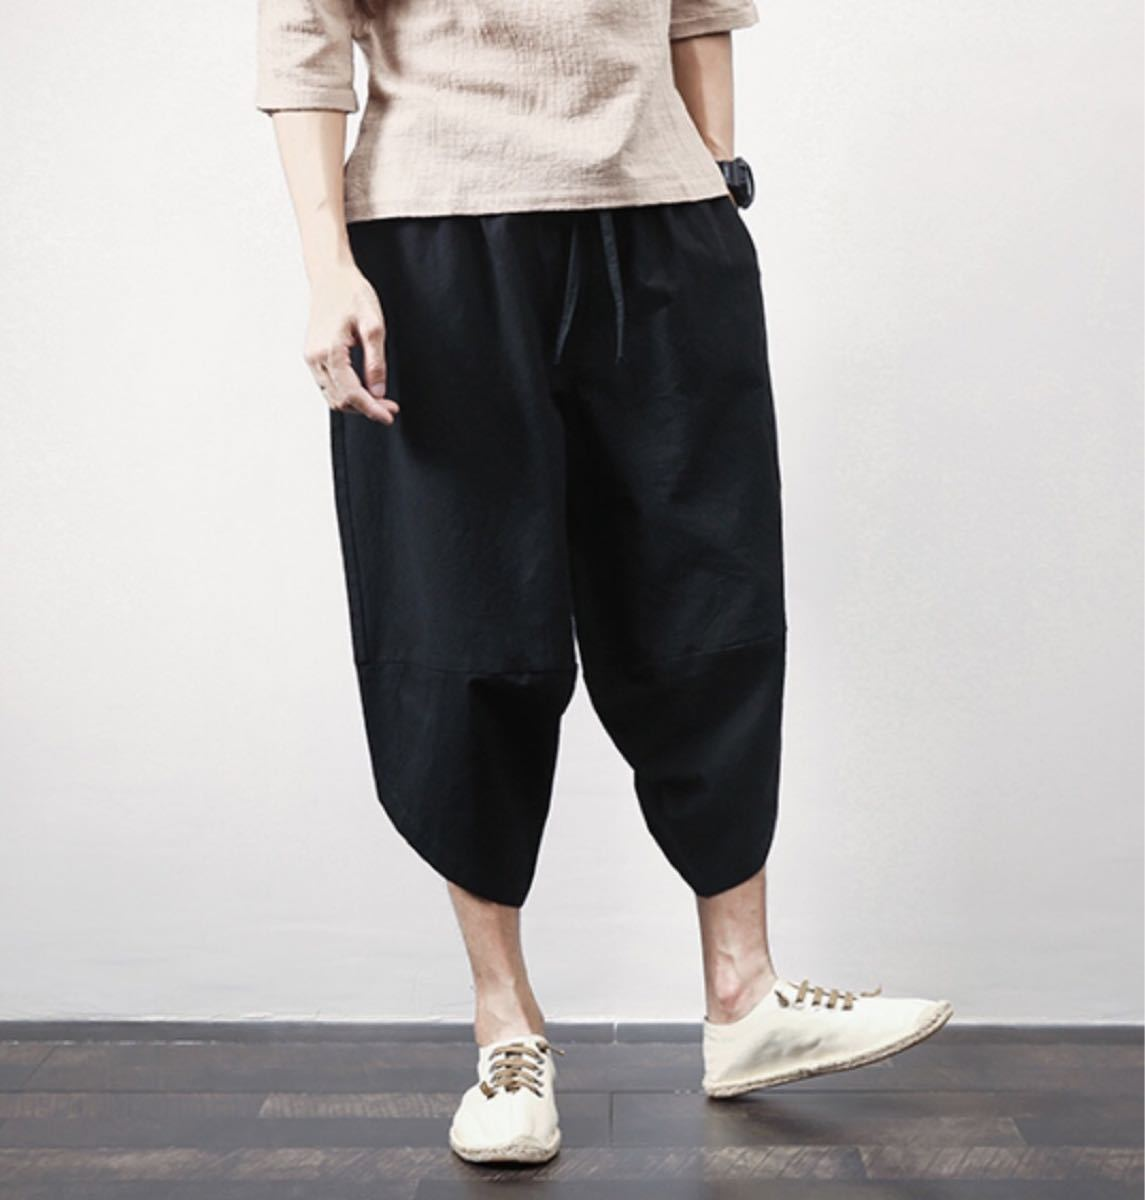 サルエルパンツ メンズ カジュアル 七分丈ゴム紐ブラック黒服コーデワイドゆったり